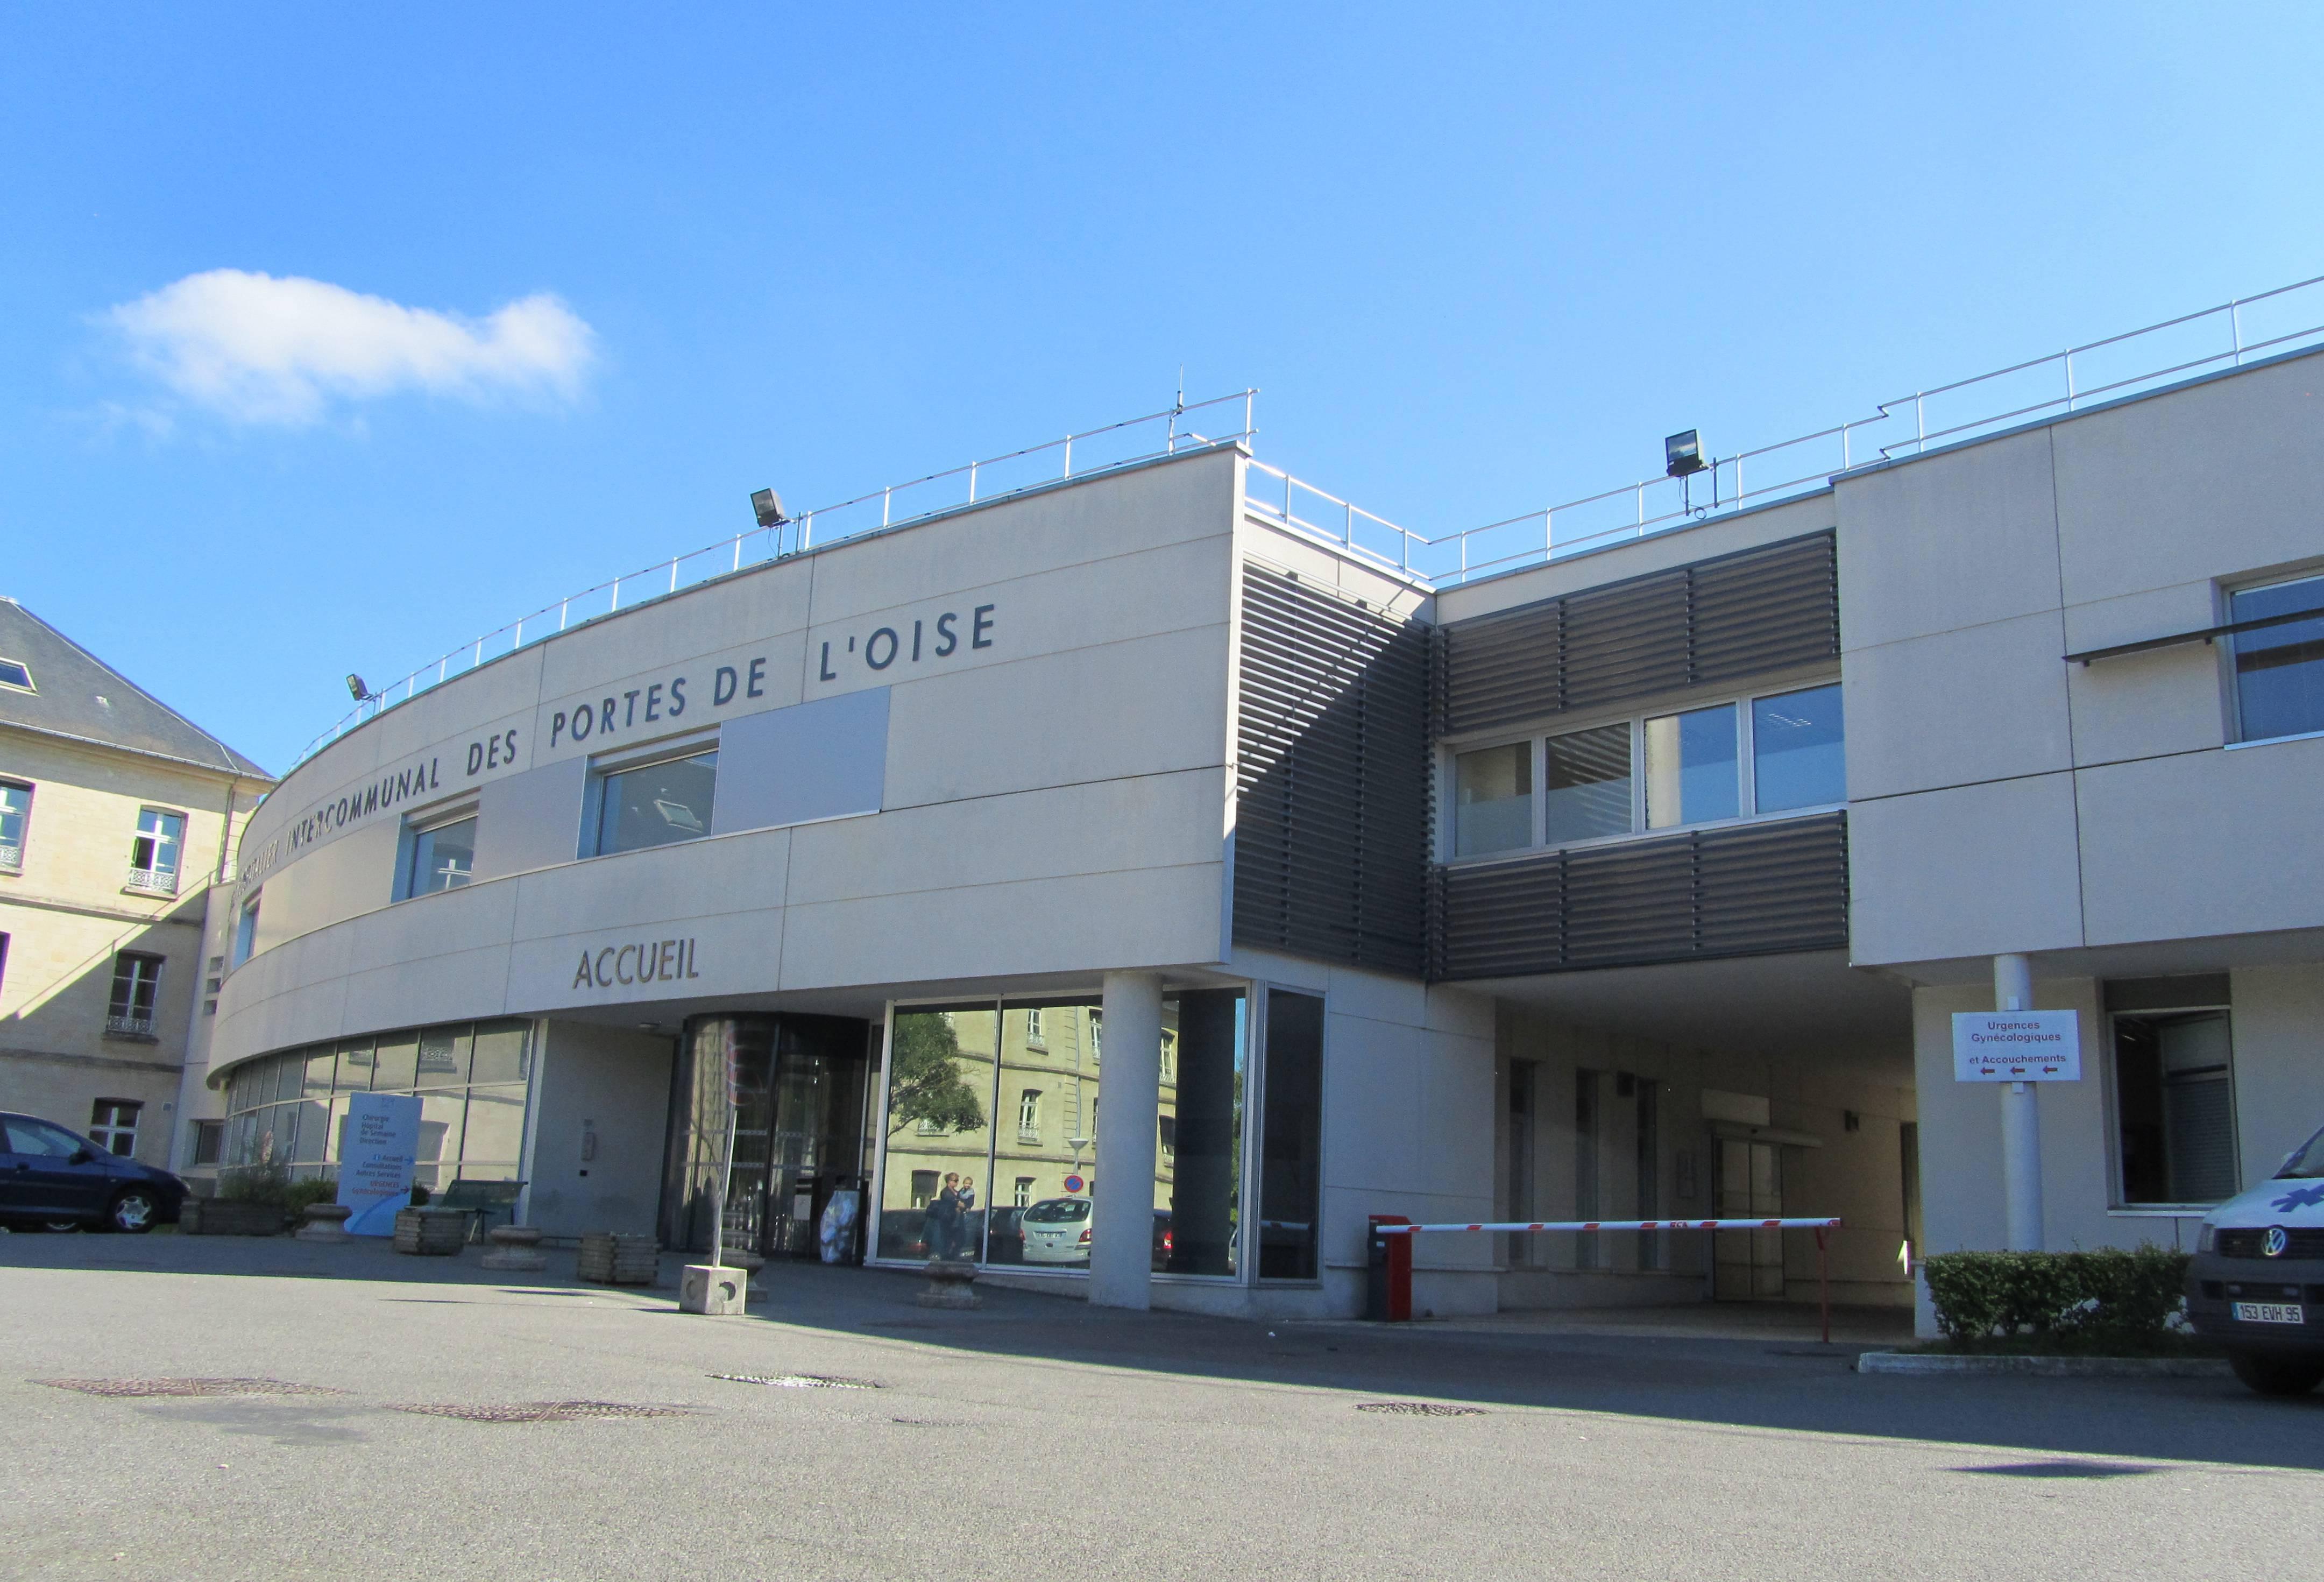 Groupe Hospitalier Carnelle Portes de l'Oise GHCPO (Beaumont-sur-Oise)